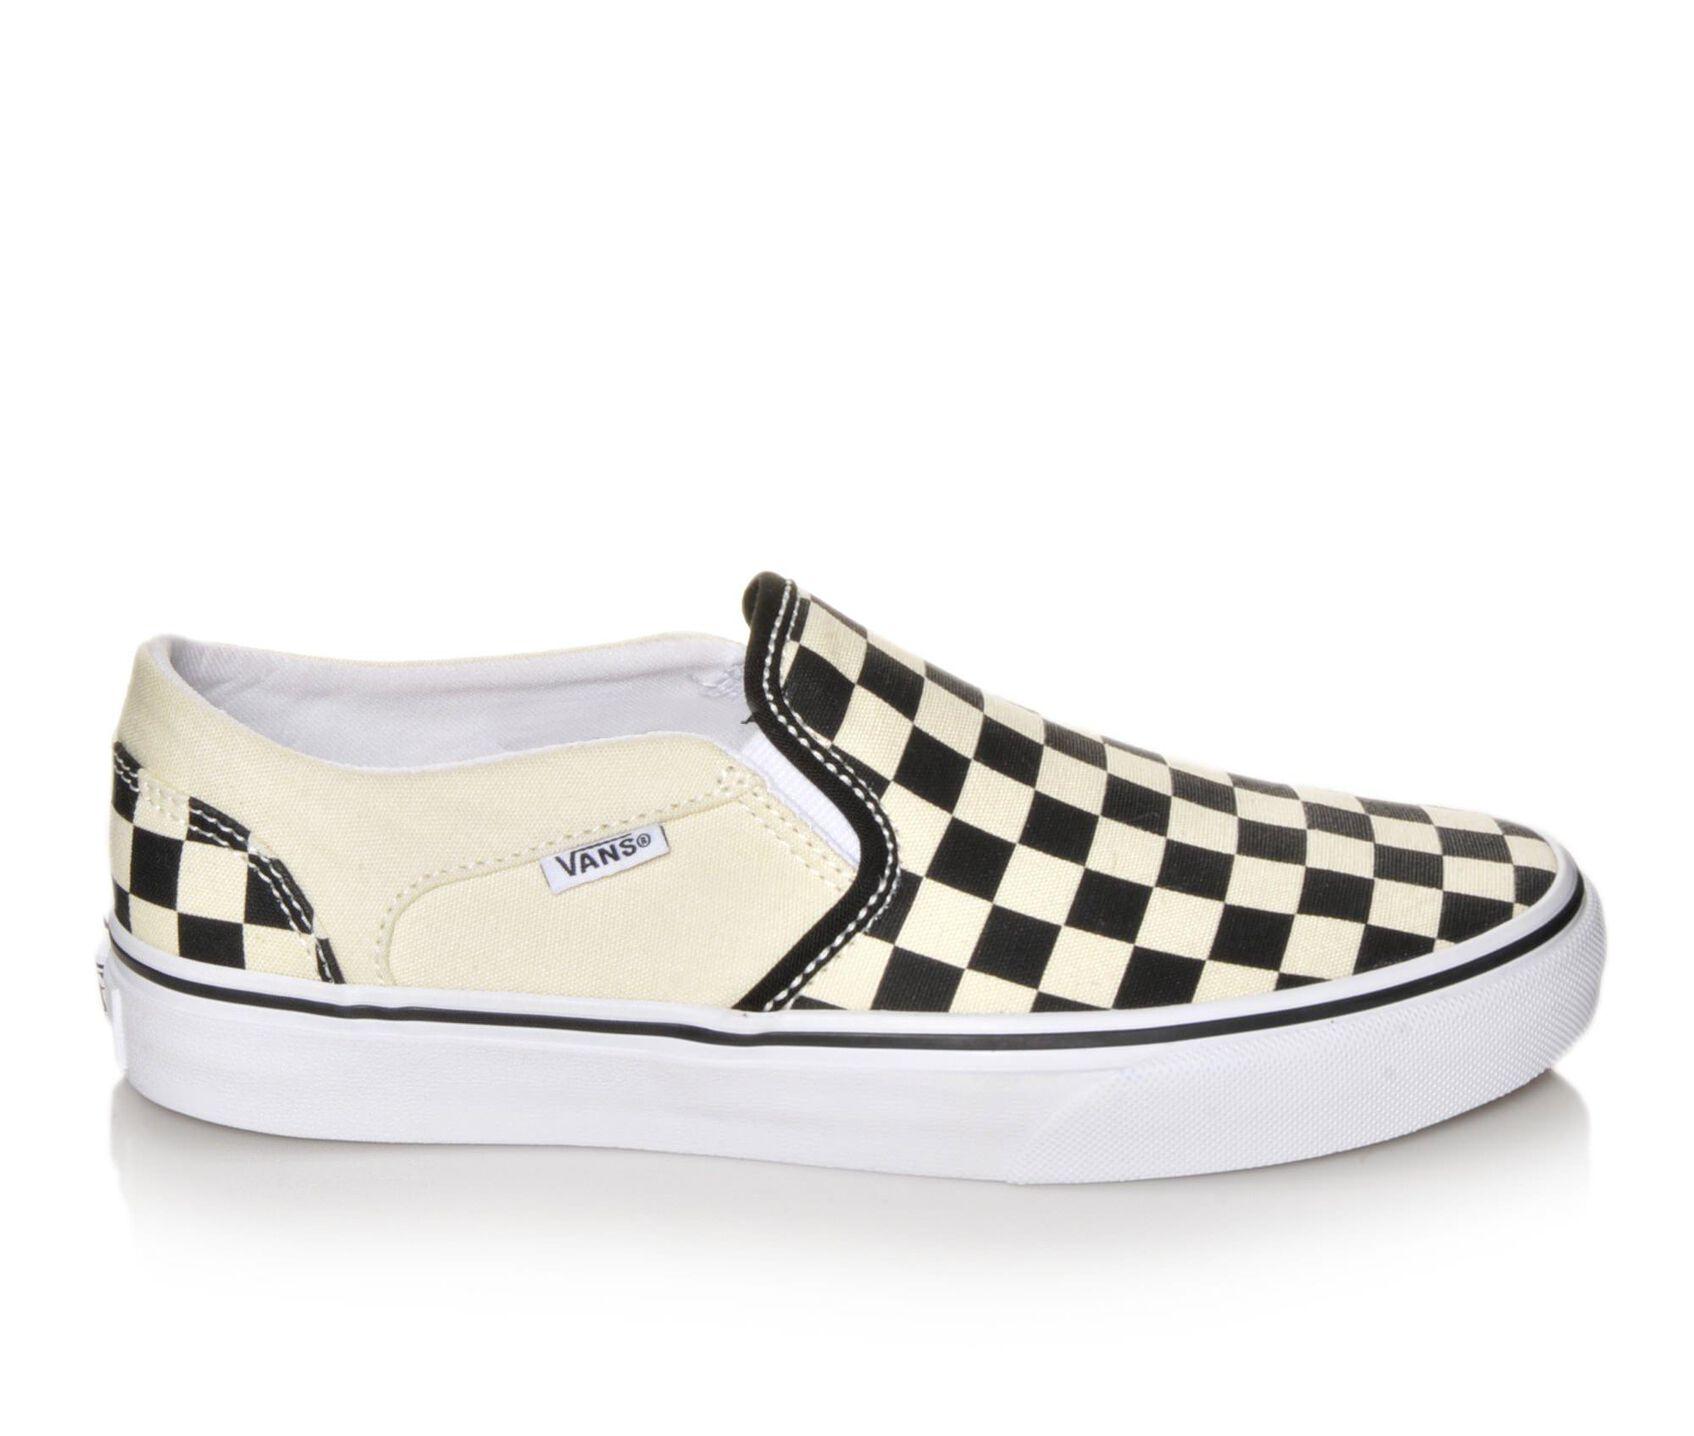 acc4580c1f243 Women's Vans Asher Slip-On Skate Shoes | Shoe Carnival